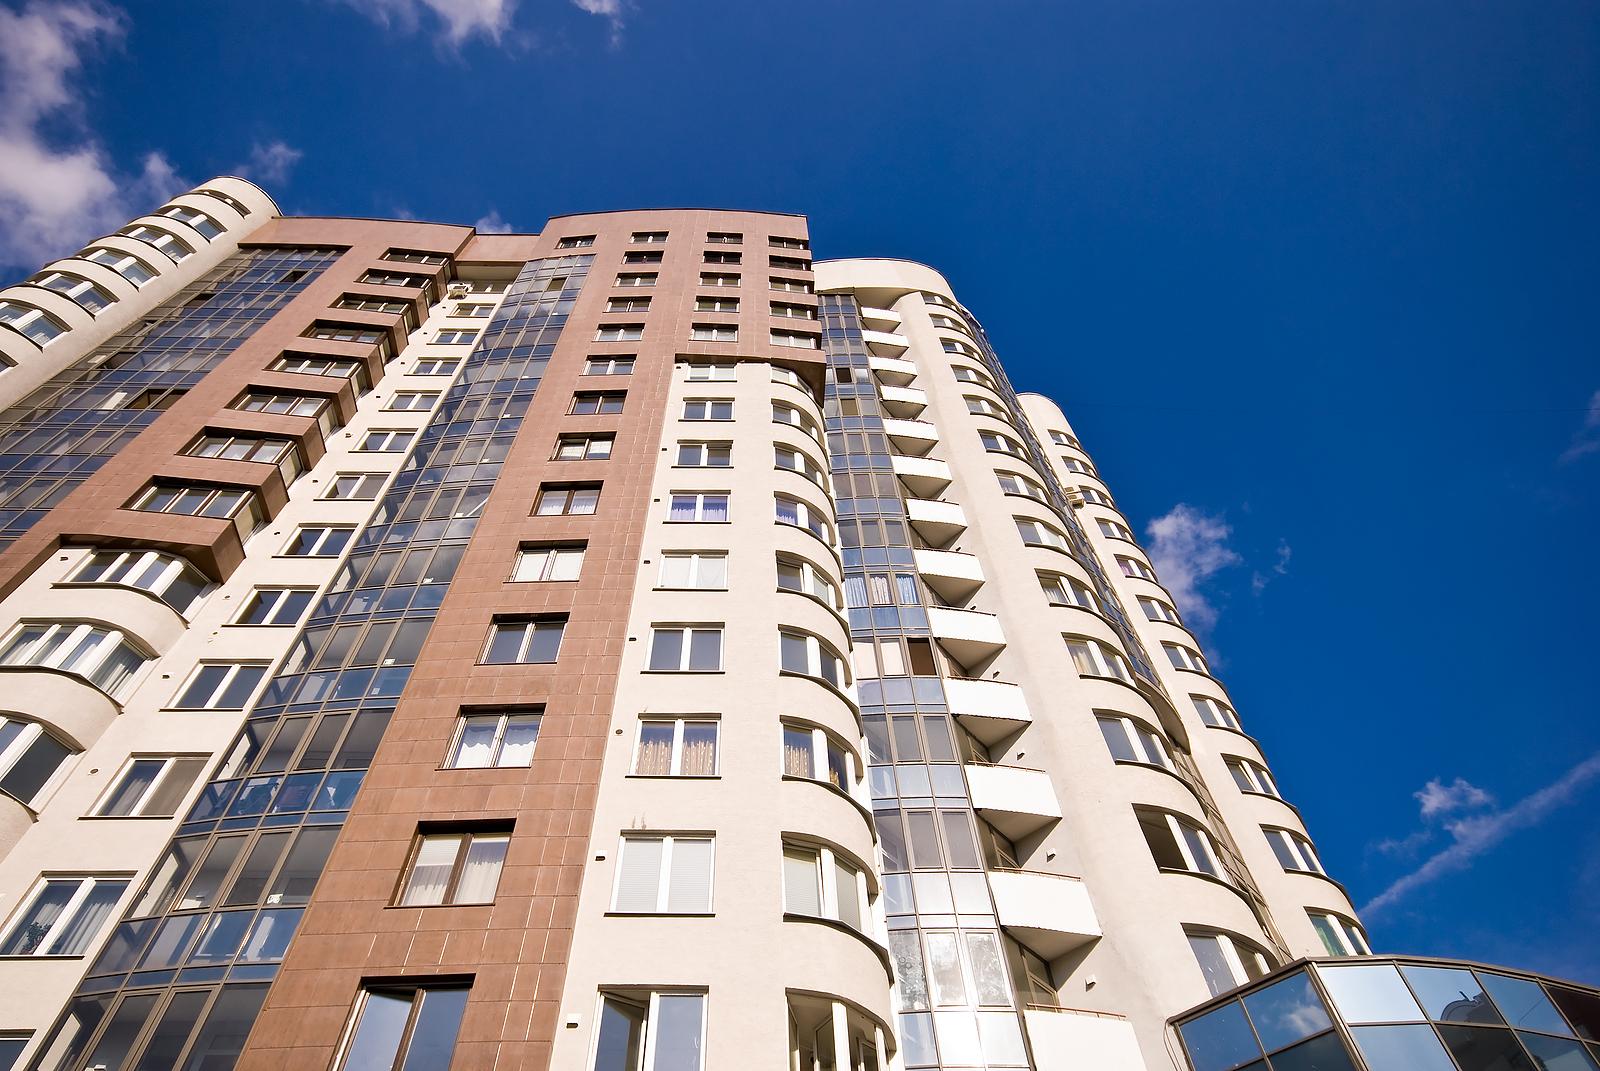 Где занимаются приватизацией жилья в Минске?